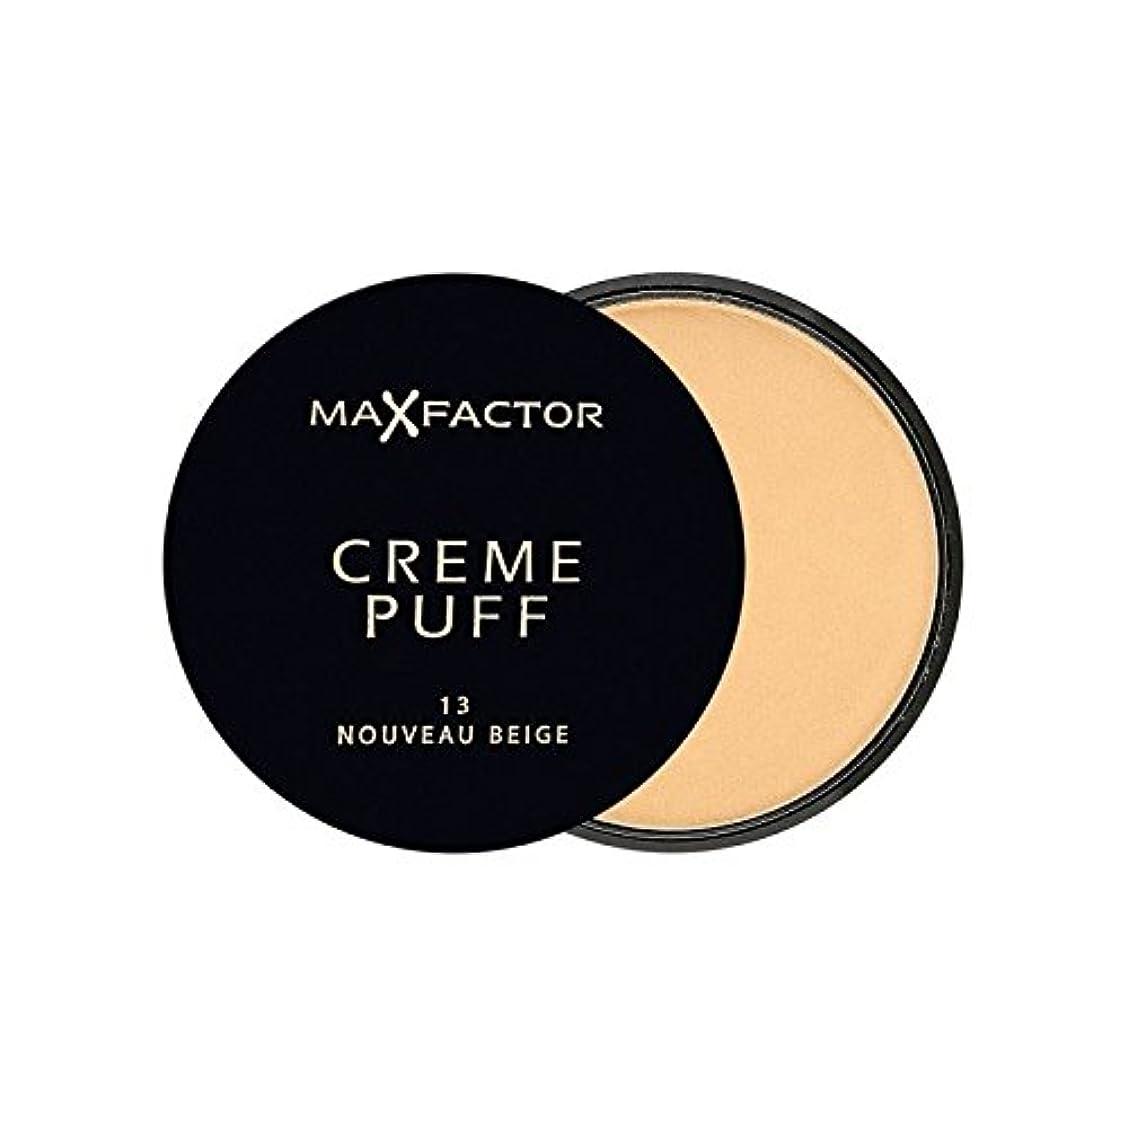 大混乱彼女子羊Max Factor Creme Puff Powder Compact Nouveau Beige 13 (Pack of 6) - マックスファクタークリームパフ粉末コンパクトヌーボーベージュ13 x6 [並行輸入品]